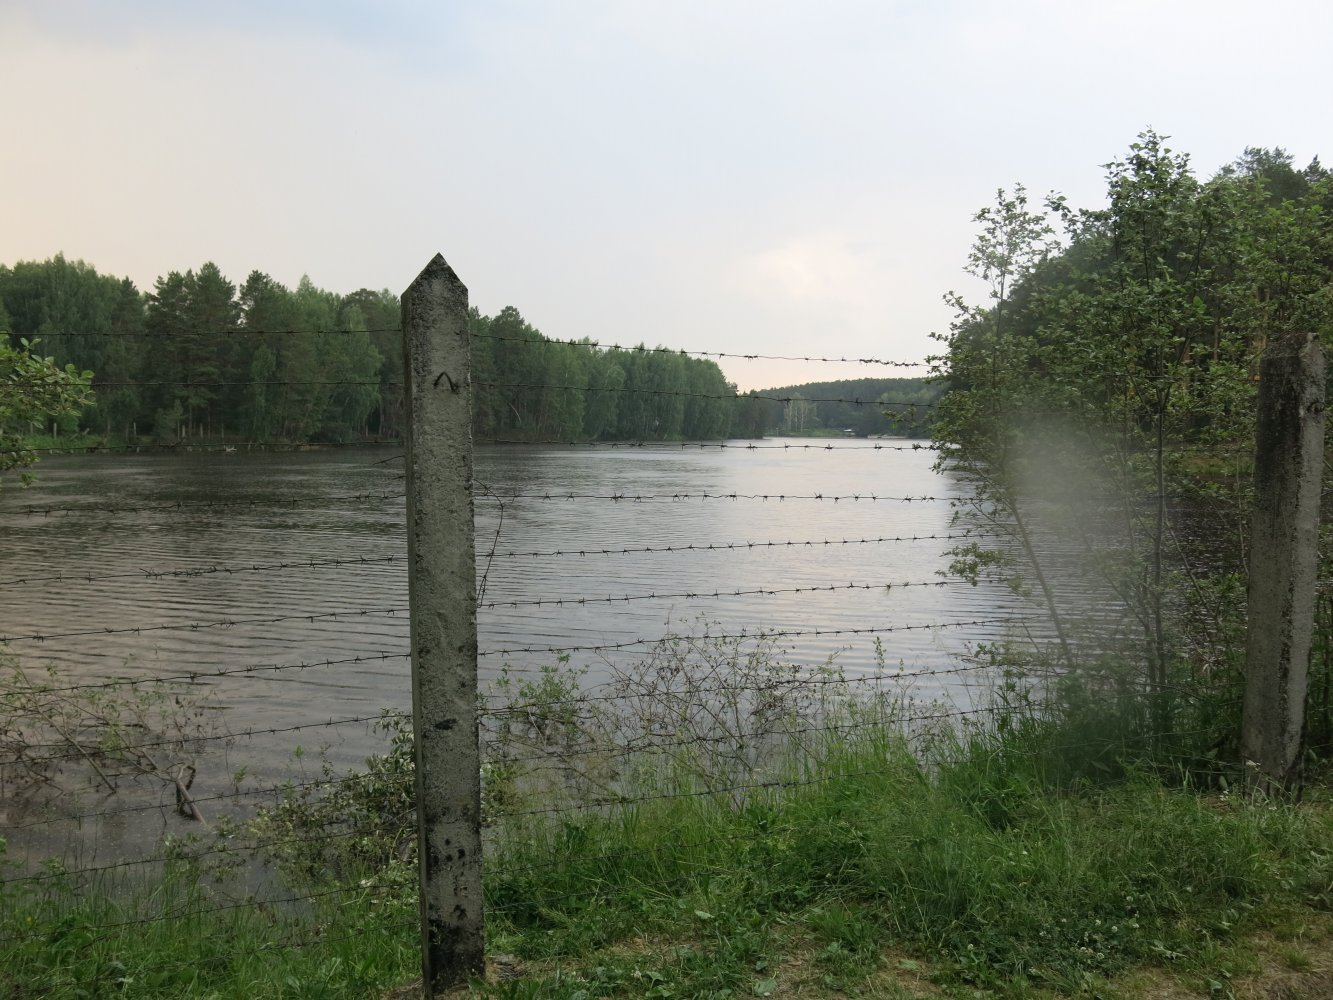 Фото IMG_4687.JPG. Россия, Свердловская область, Р351